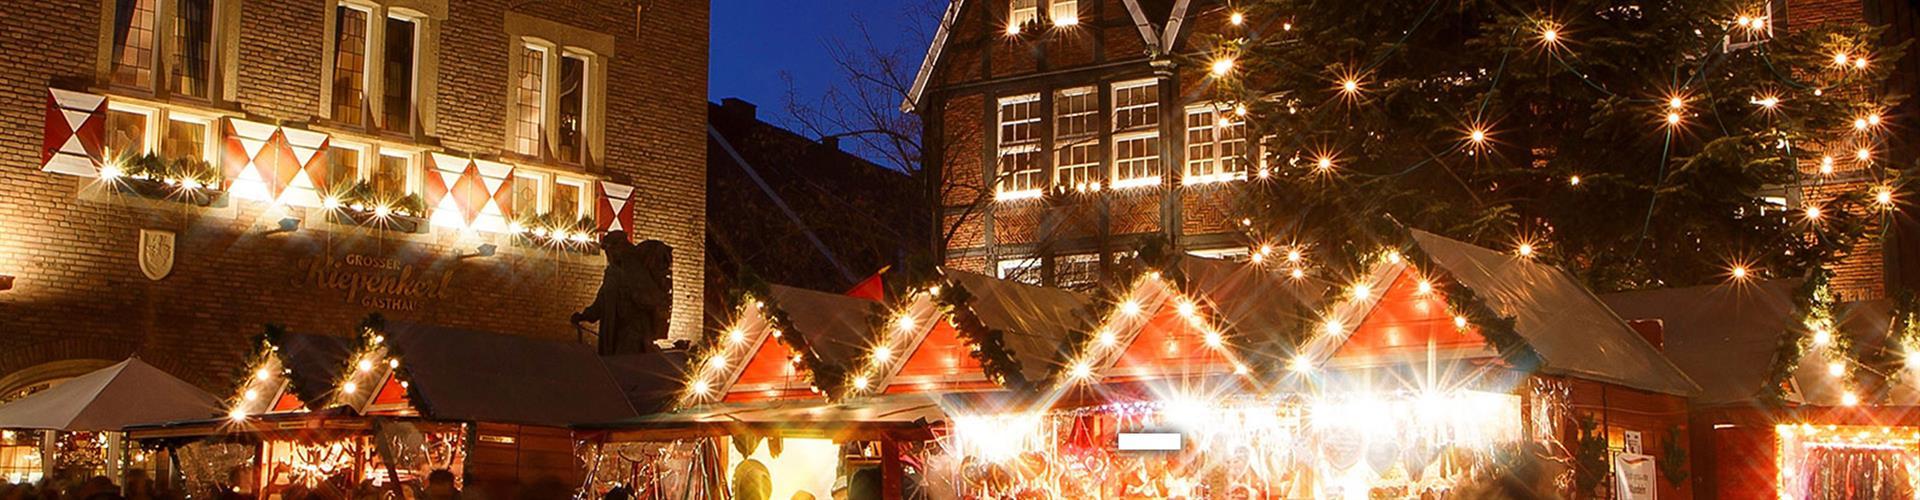 BannerTop-Kerstmarkt-3840x1000